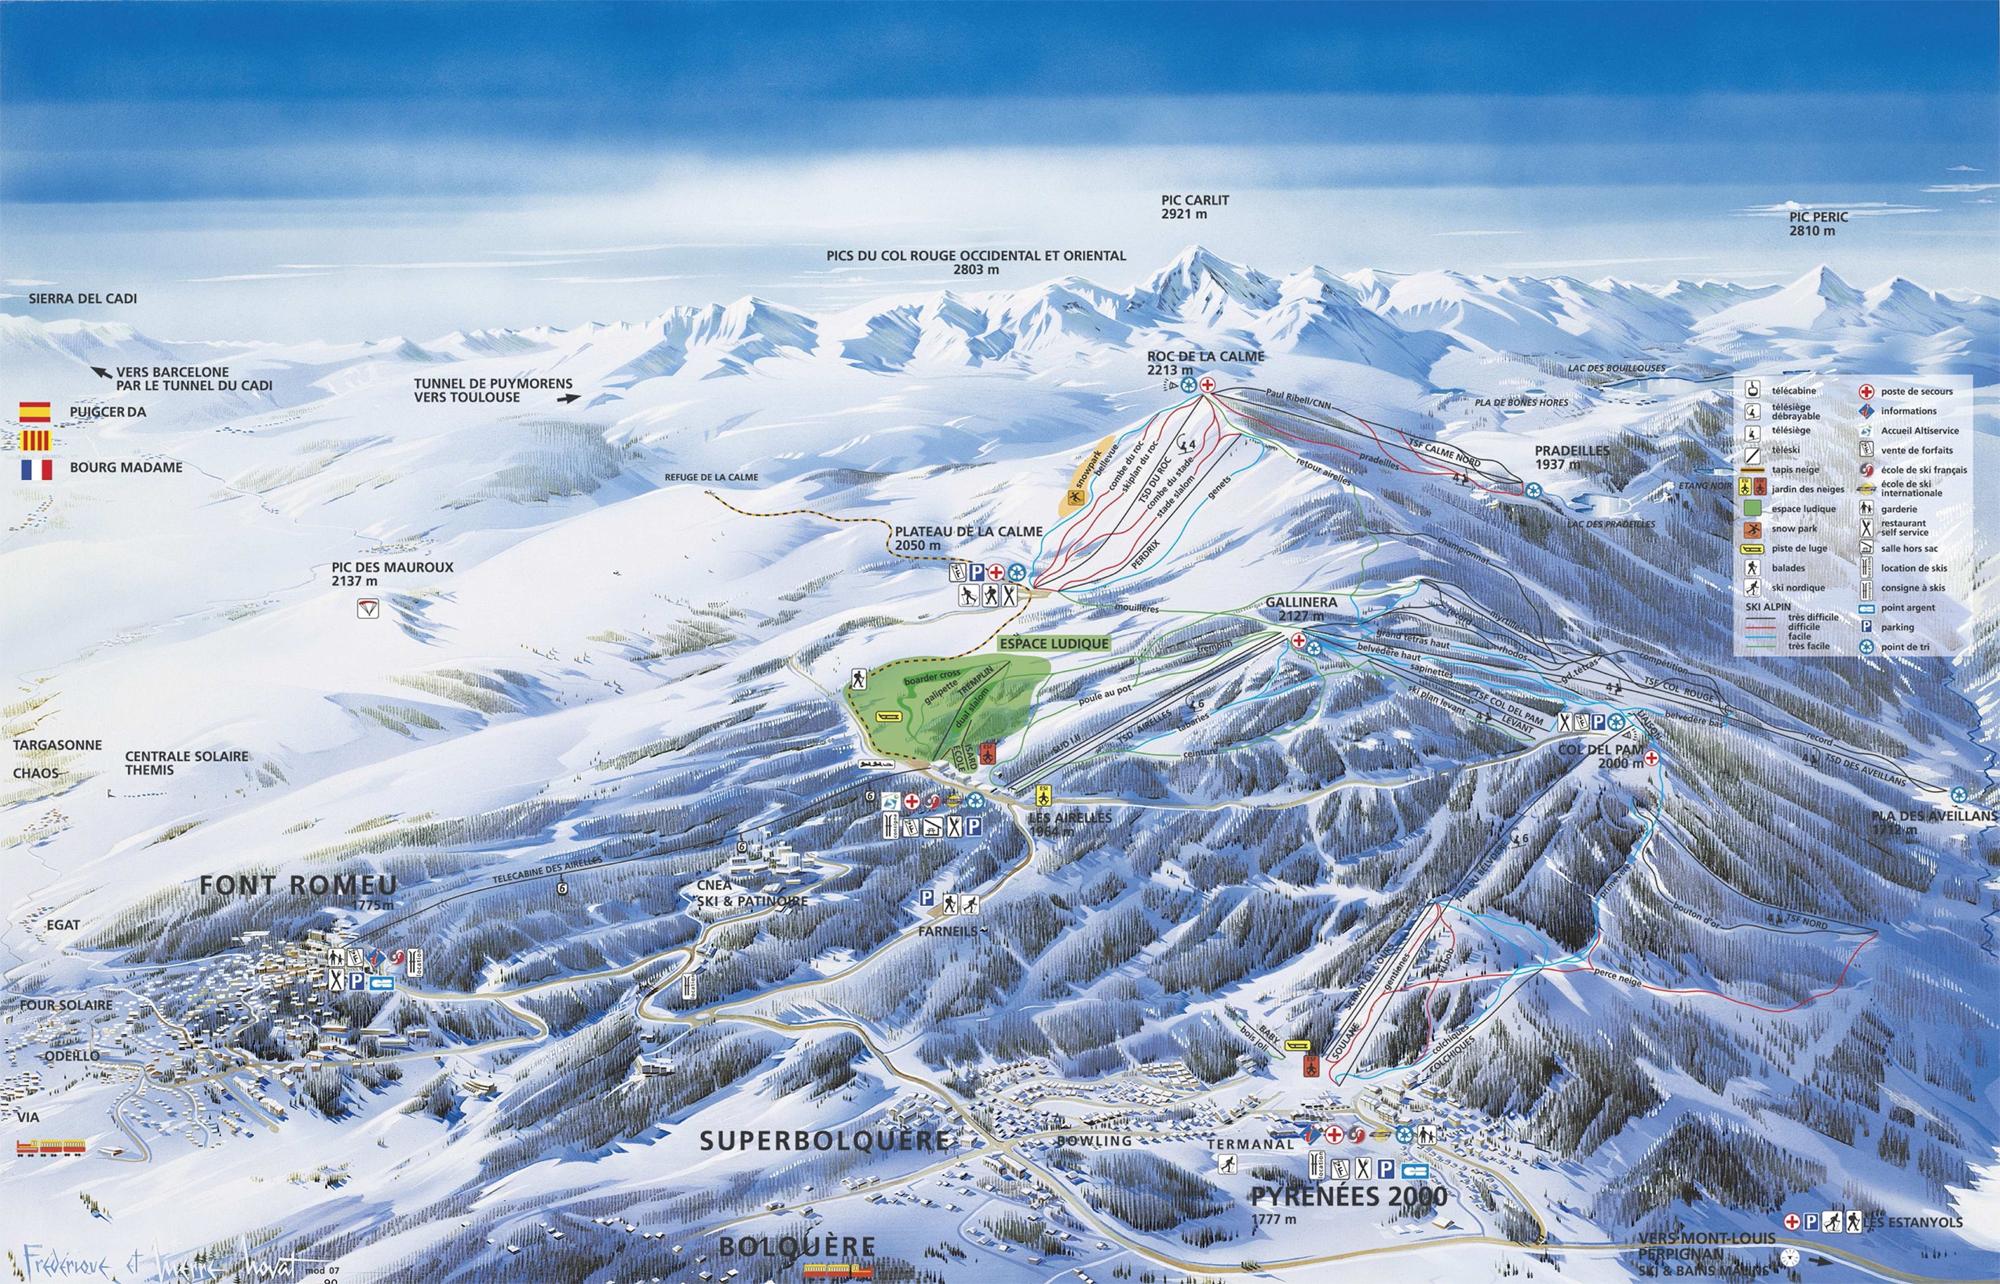 Des vacances dans un domaine skiable pyrénées